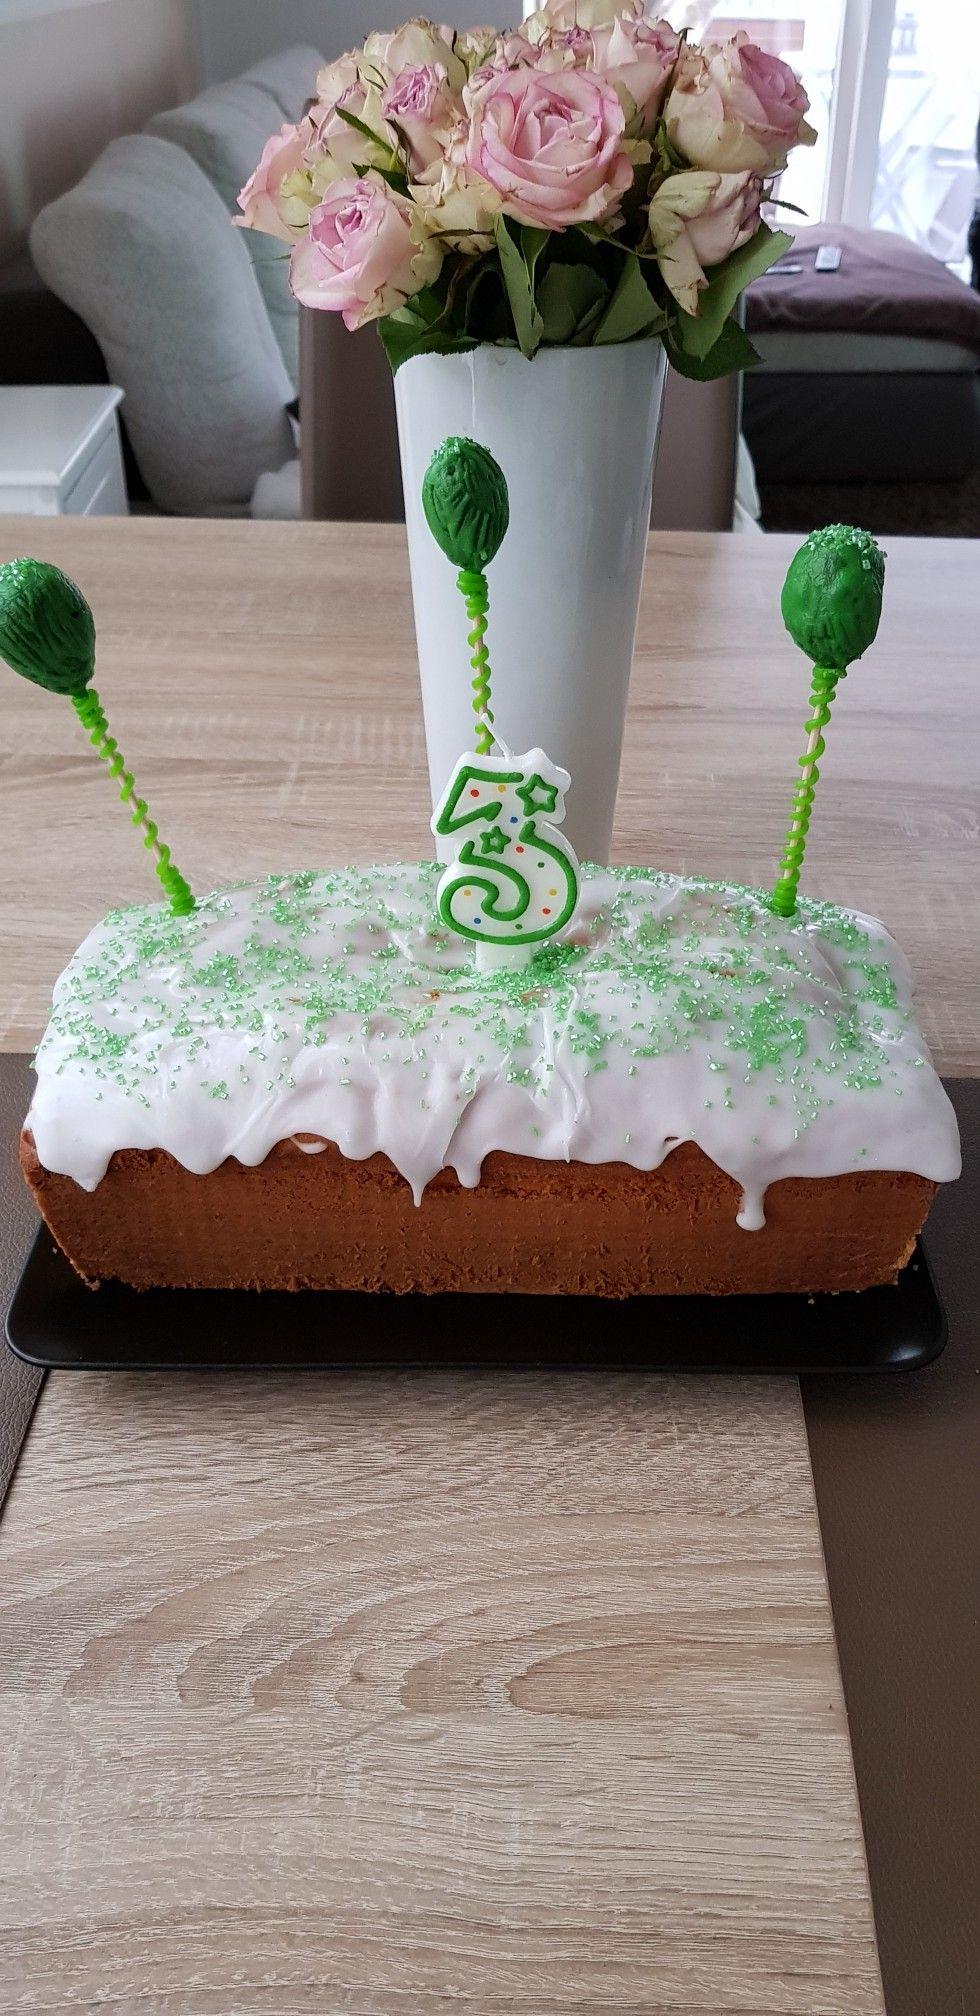 Kuchen Mit Zahl Innen Geburtstagsessen Ideen Geburtstagskuchen Kuchen